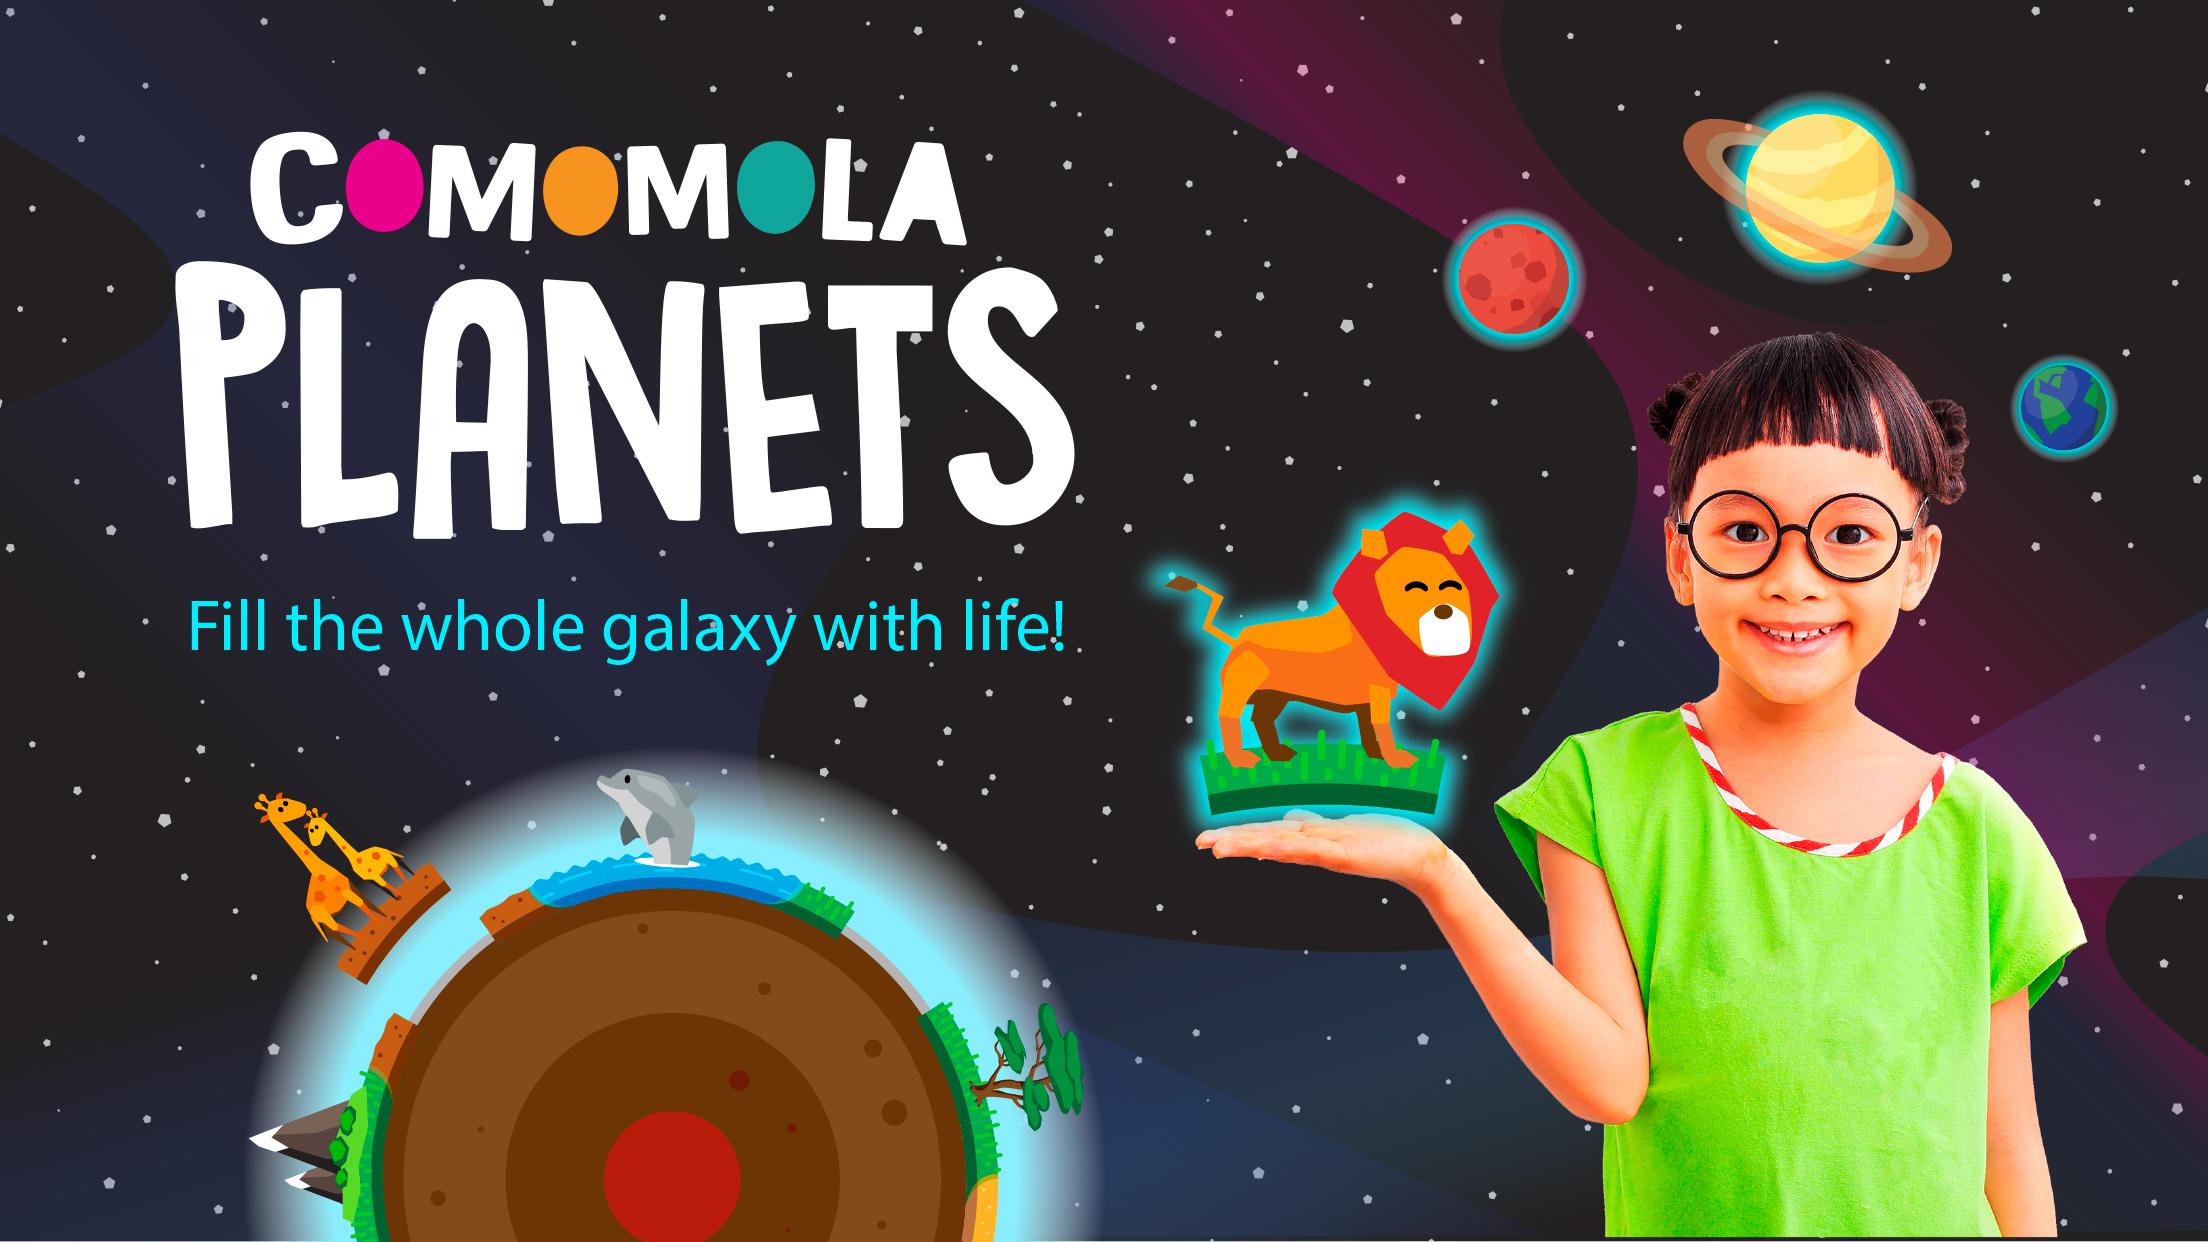 Comomola Planets